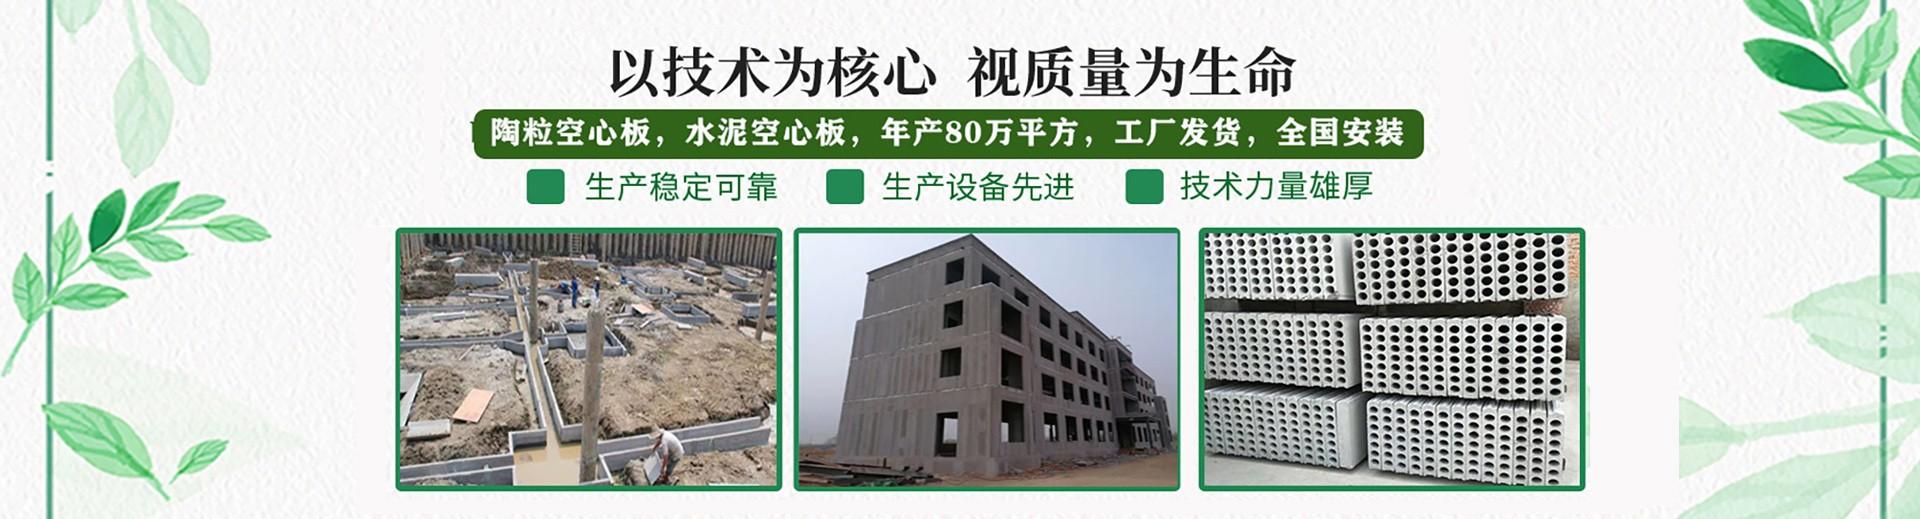 轻质隔墙板,复合隔墙板,轻质防火板价格,轻质陶粒墙板价格